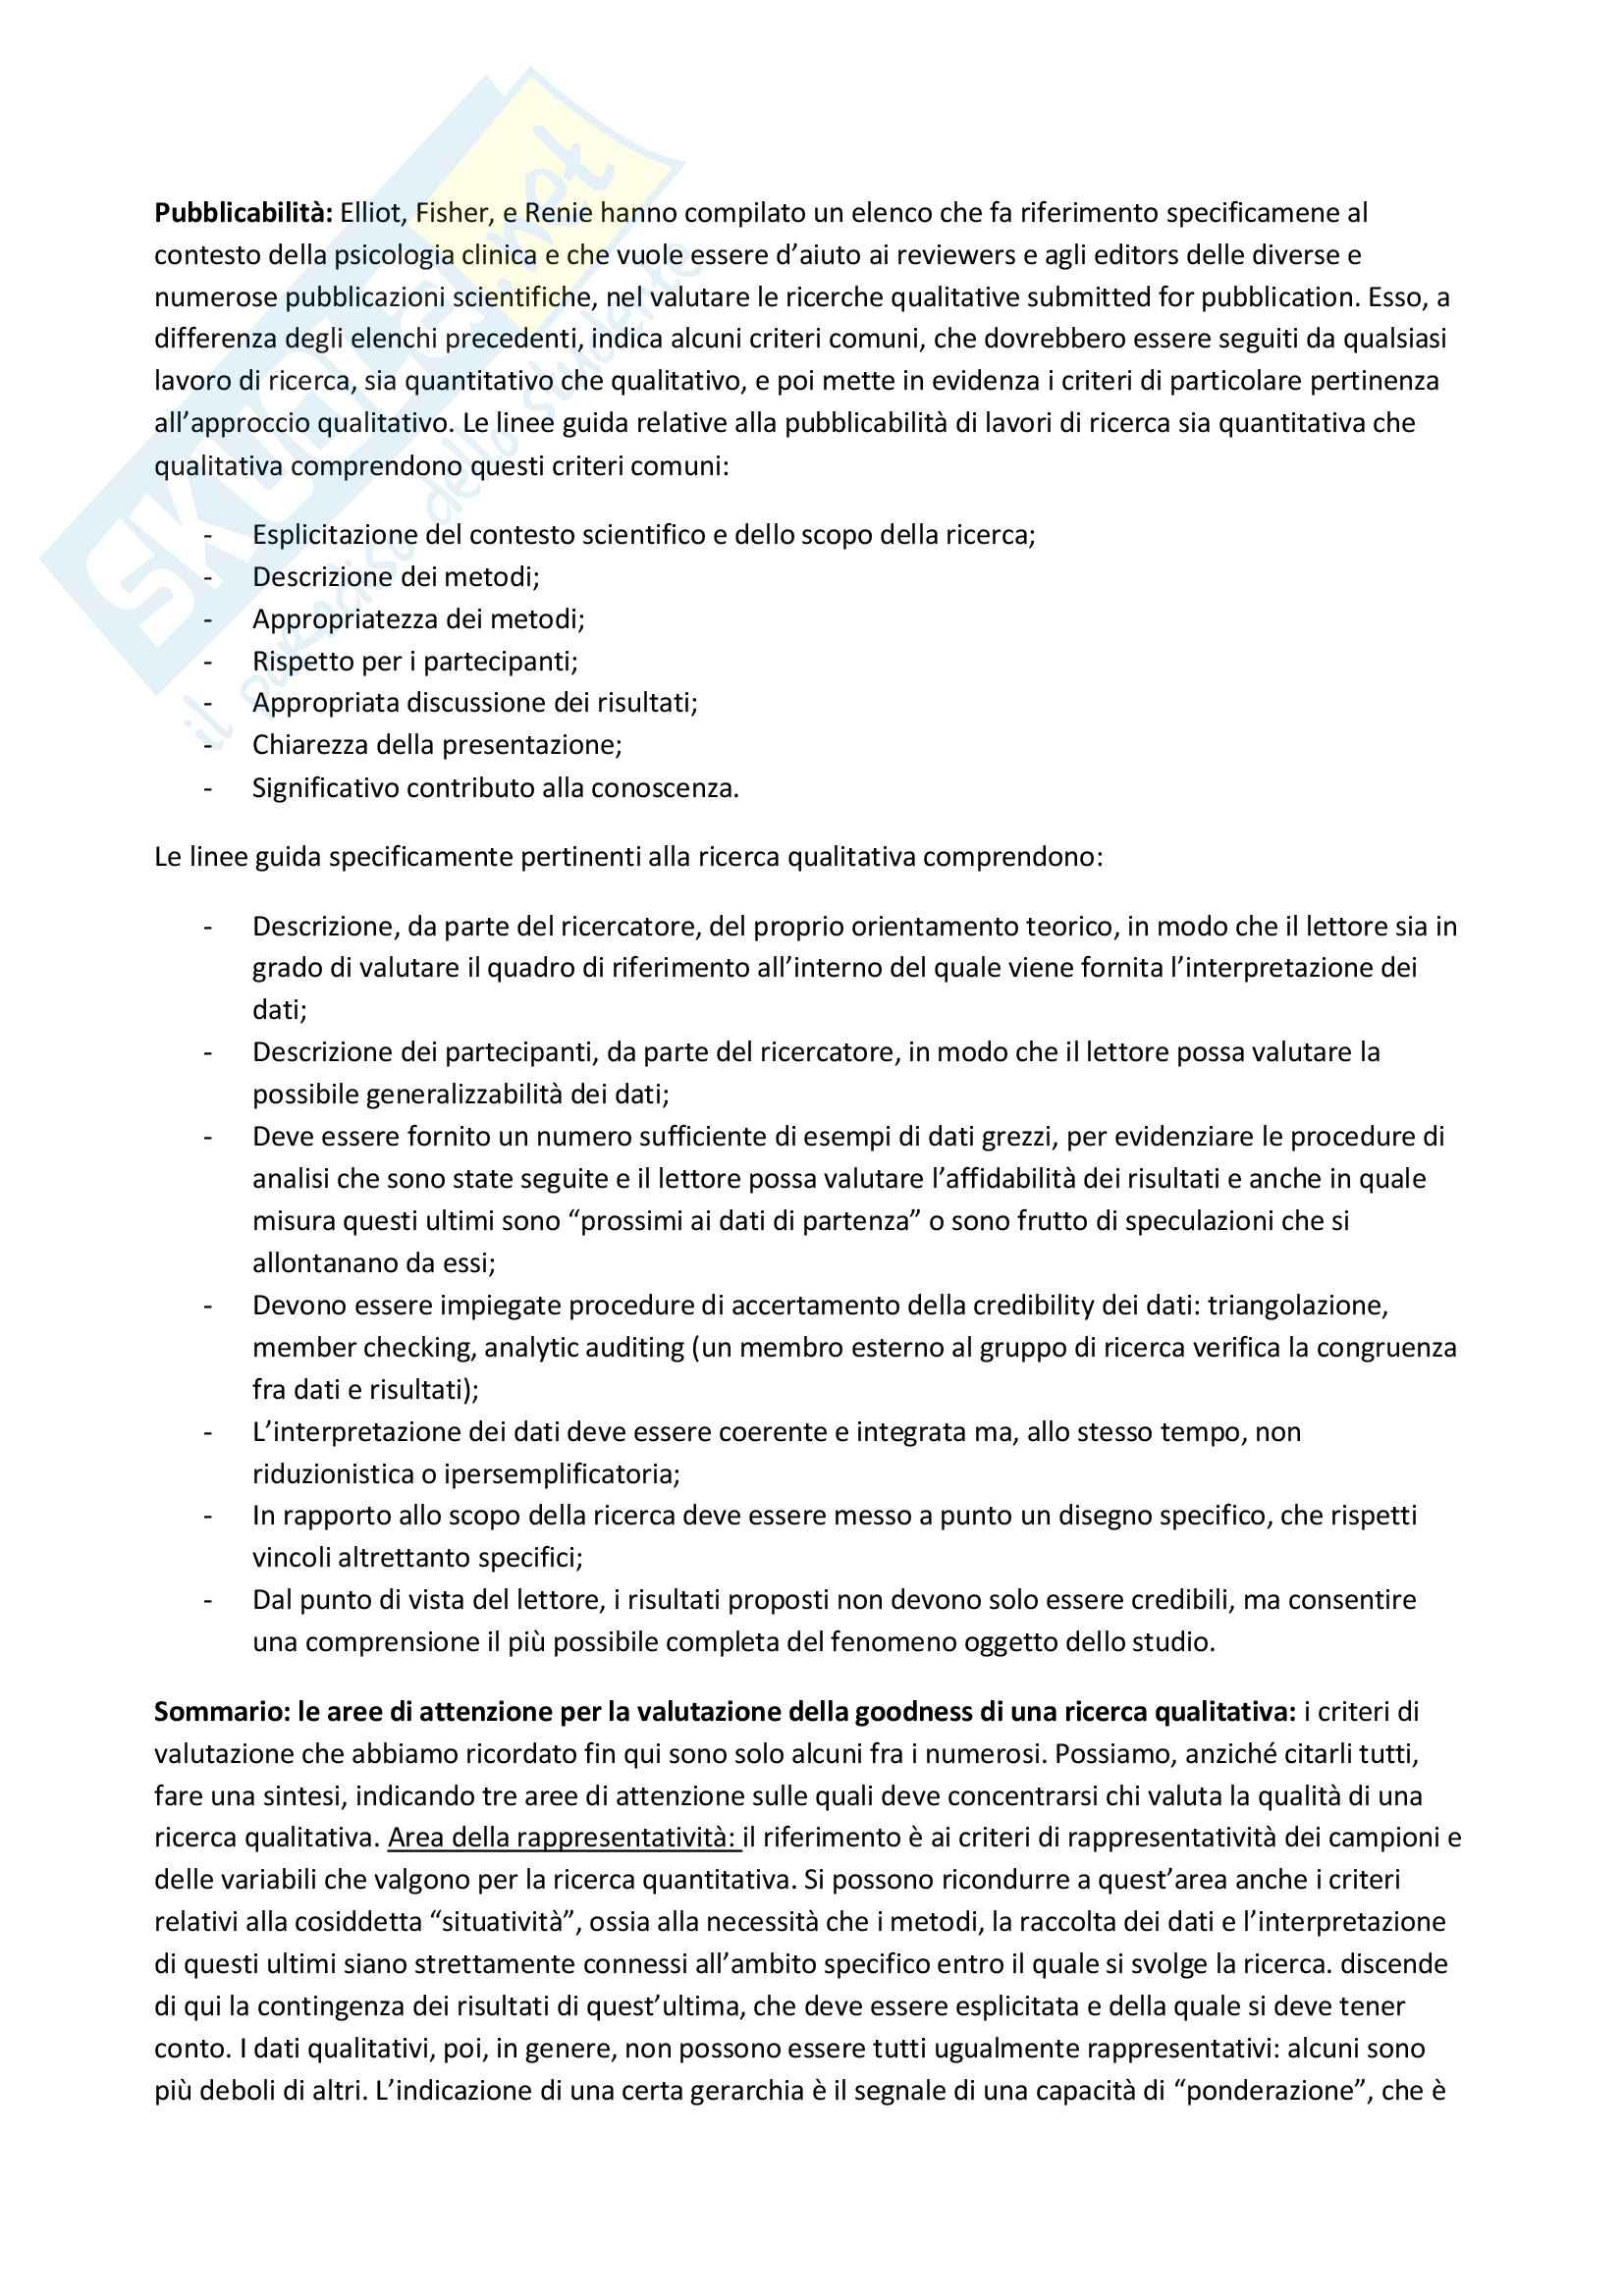 Riassunto esame Metodologia della ricerca in Psicologia Clinica, prof. Lo Coco, libro consigliato La ricerca qualitativa in psicologia clinica, Del Corno e Rizzi Pag. 16